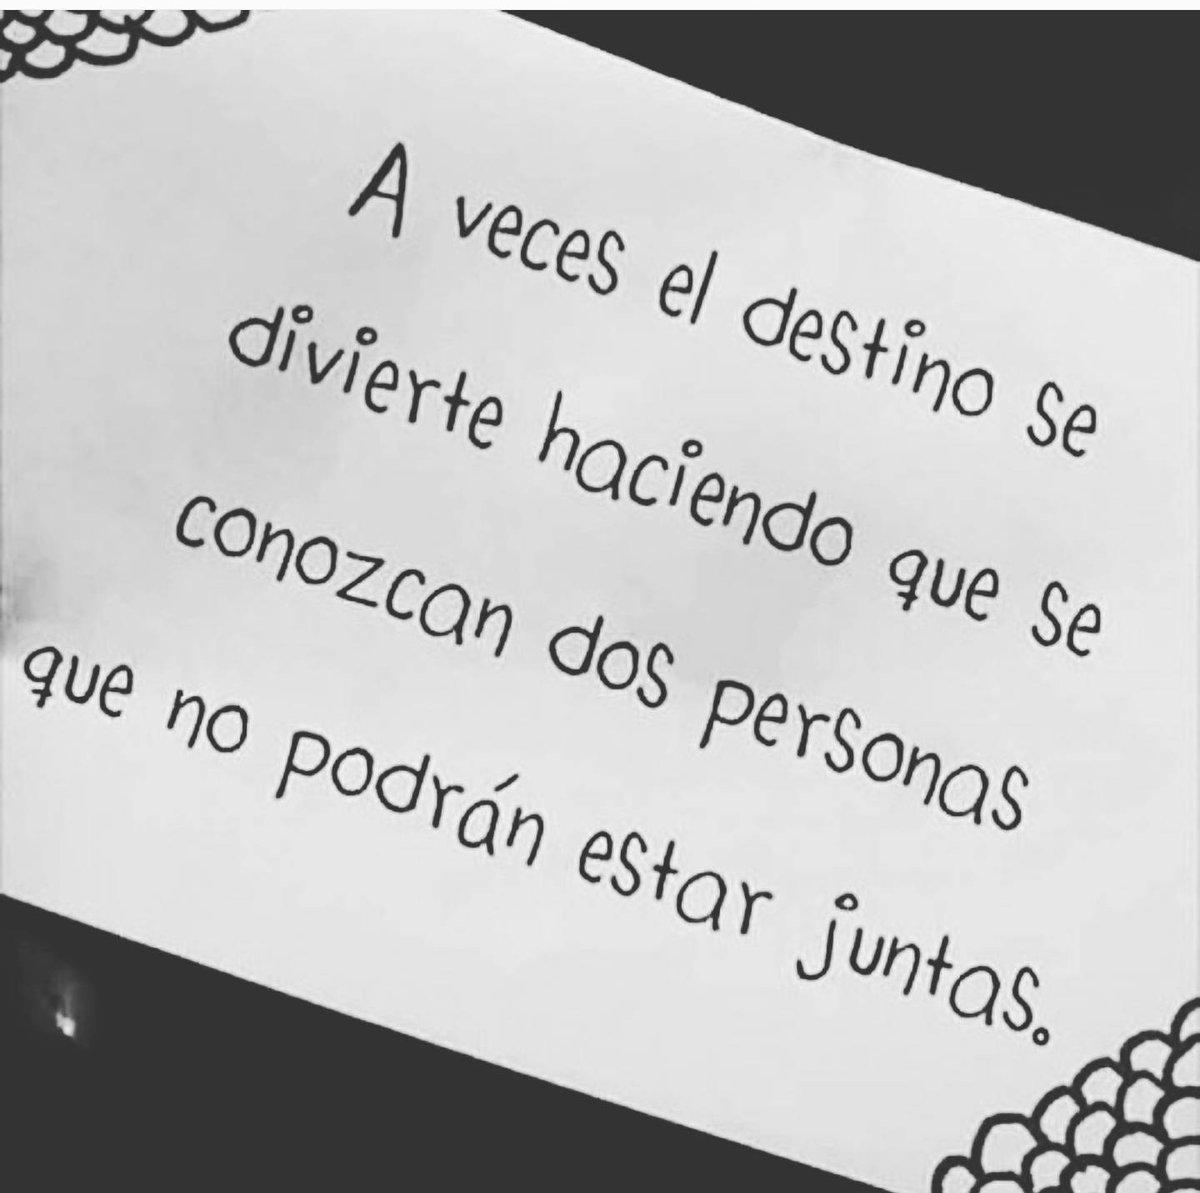 Quijotadas De Amor On Twitter Quijotadasdeamor El